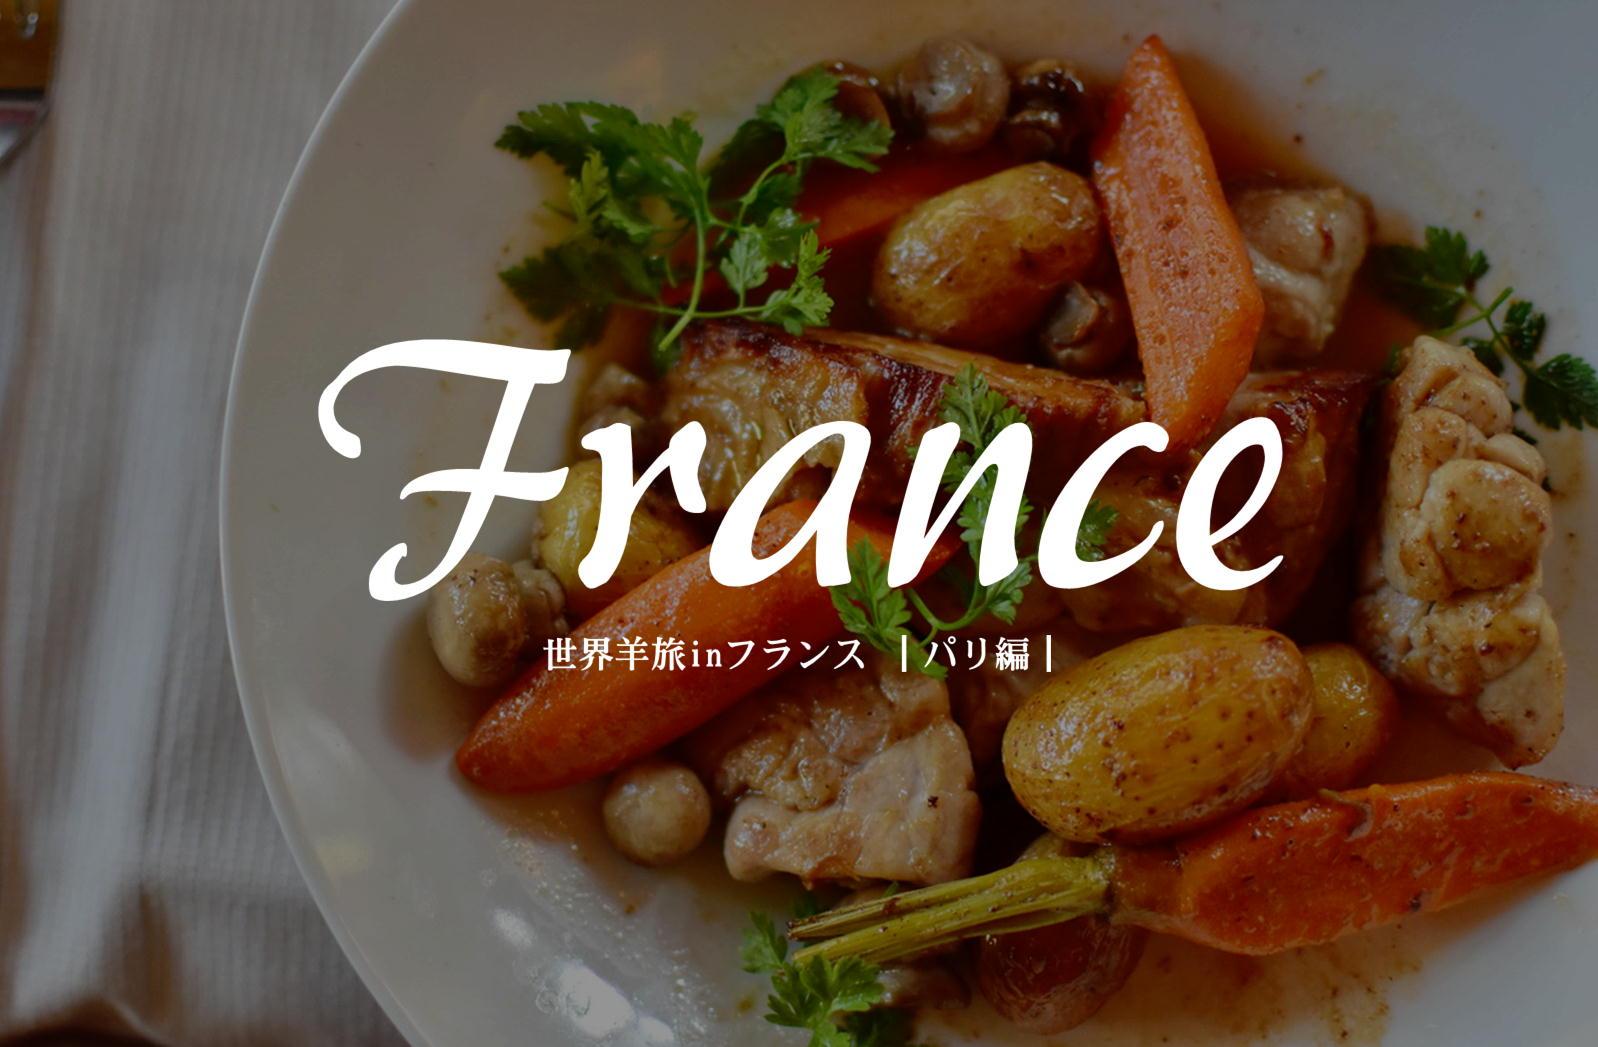 仔羊の胸腺肉と肩肉のコンフィ【フランス/パリ】